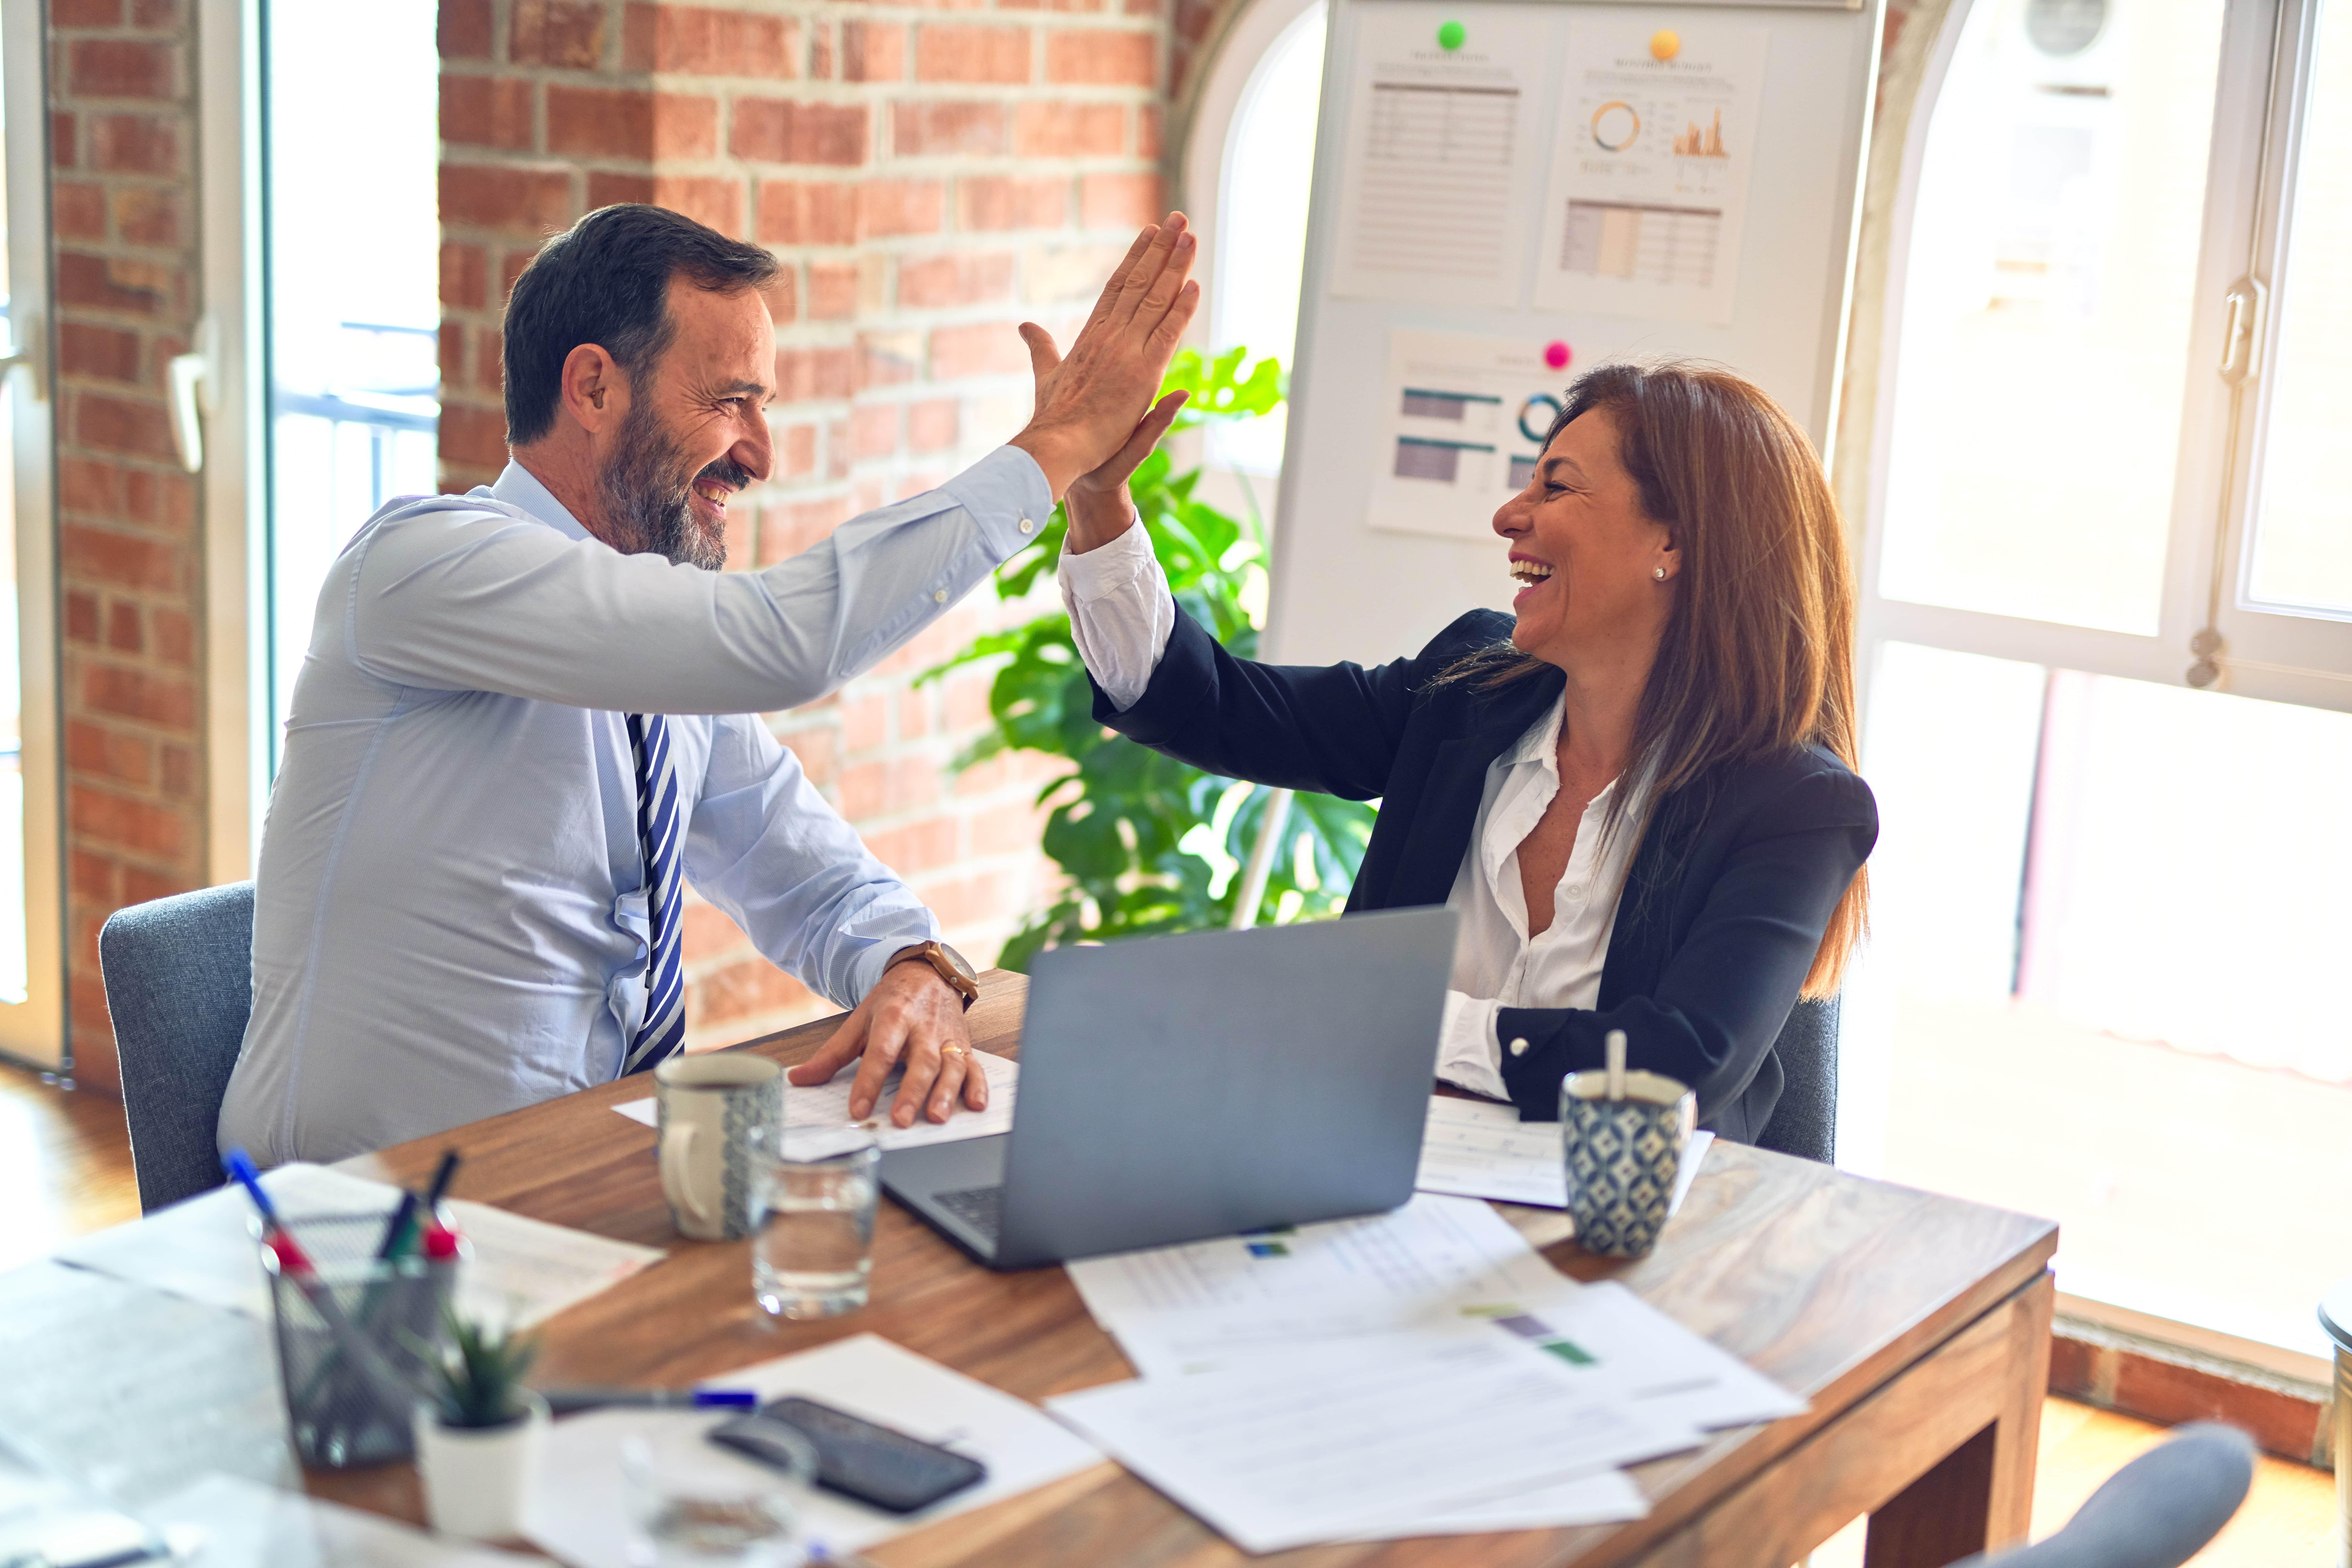 Business Partner klatschen sich ein